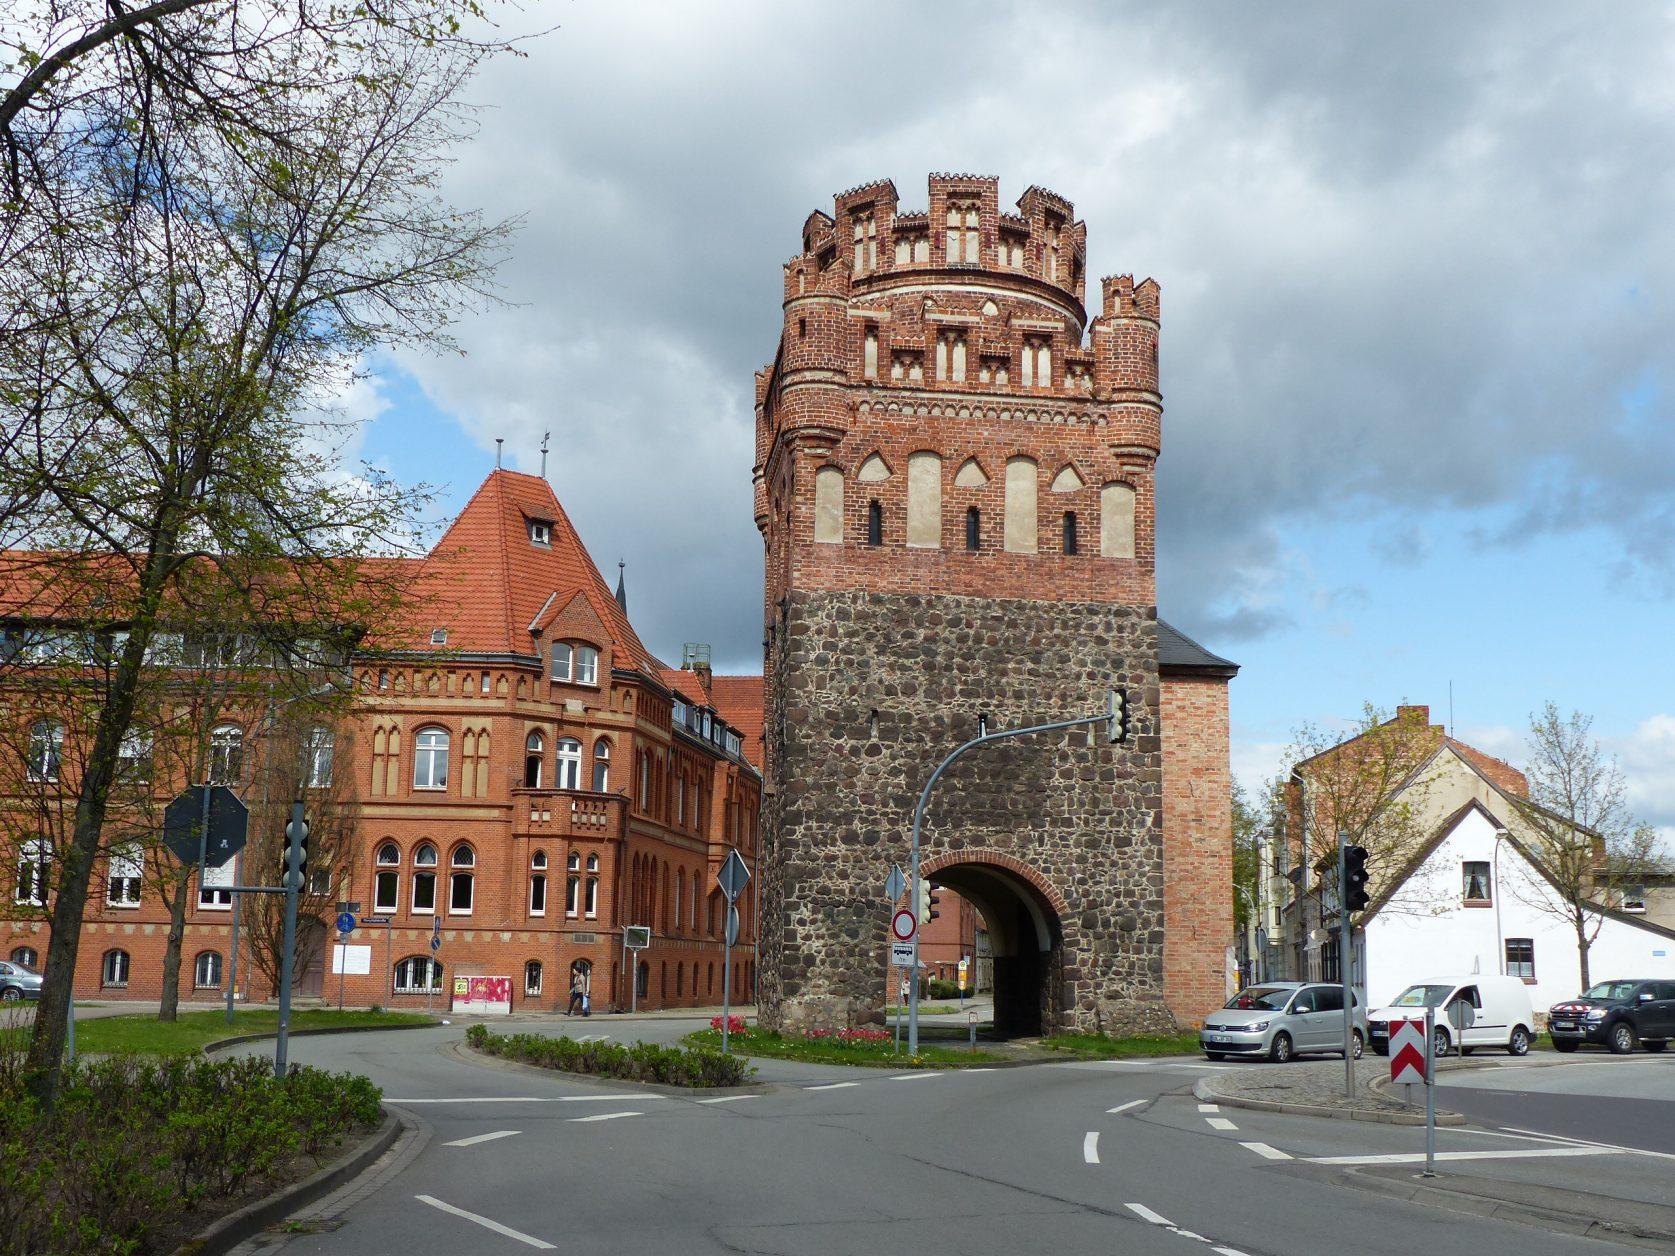 Das Tangermünder Tor in Stendal. Foto: D.Weirauch